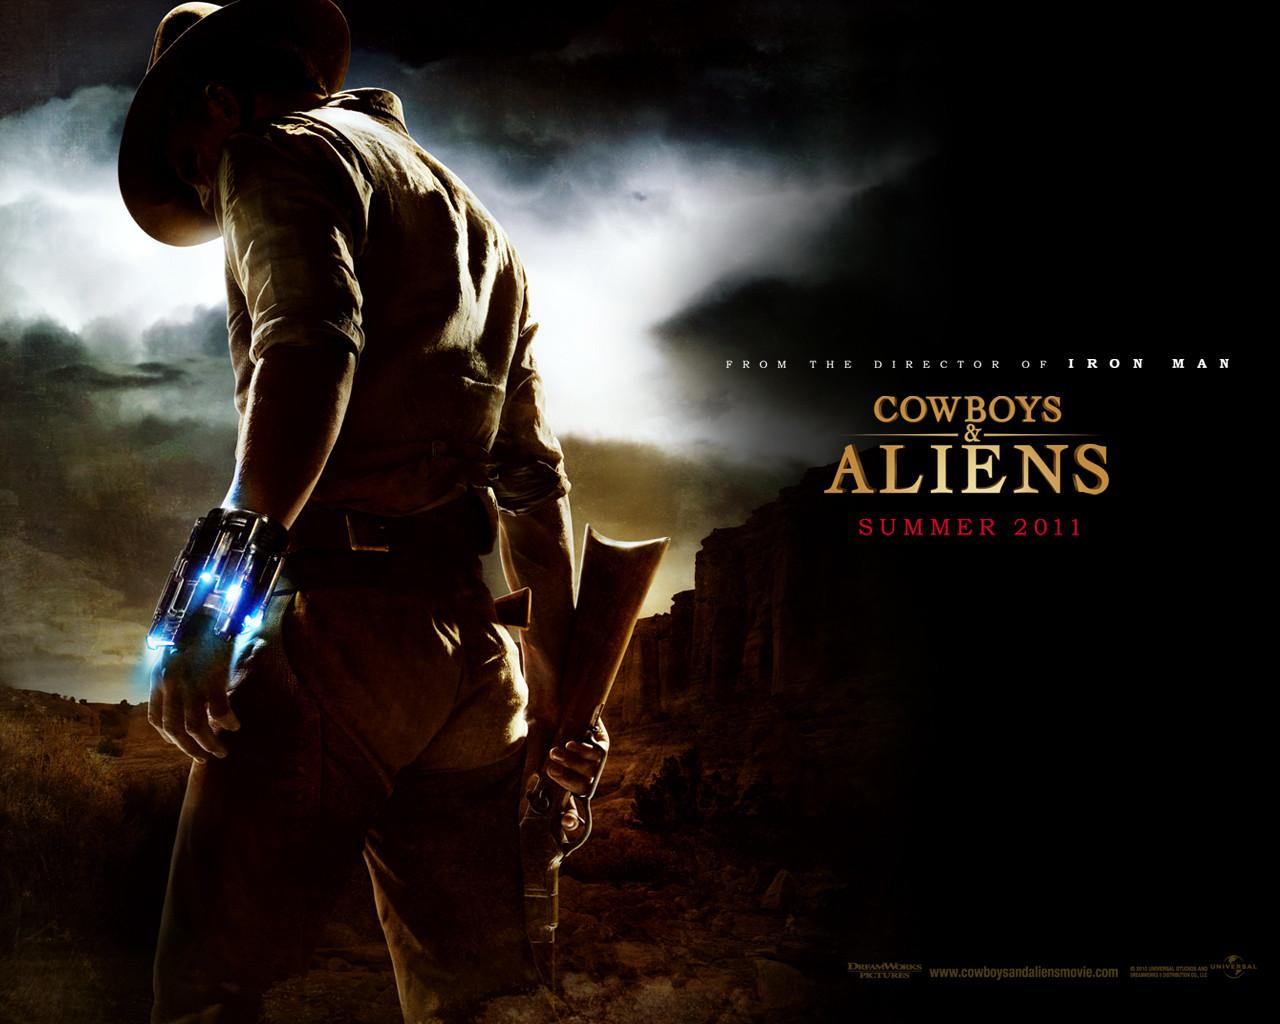 http://2.bp.blogspot.com/-ZSsRirvnE4k/TvbhfKpncEI/AAAAAAAACHE/kDYXKXyCcHM/s1600/Cowboys-and-Aliens-Wallpaper-01.jpg